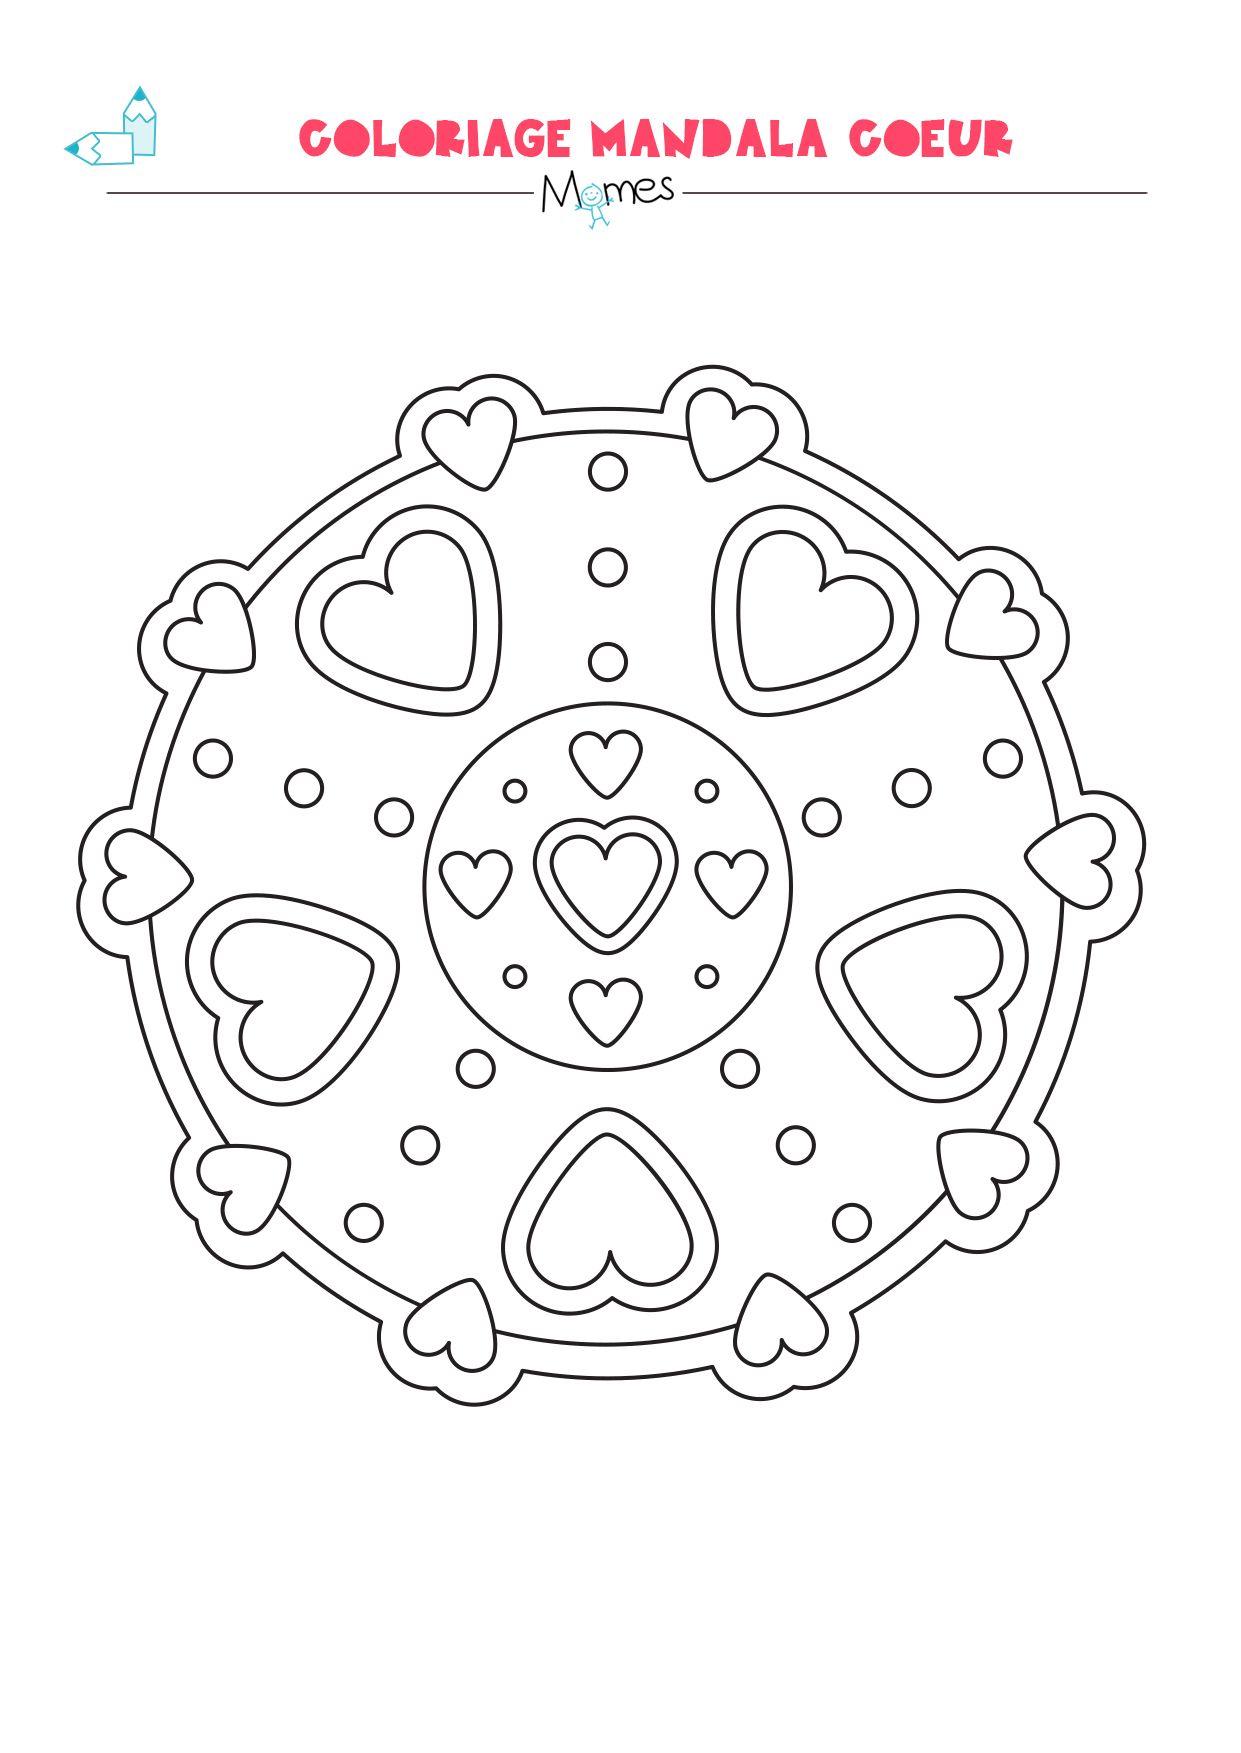 Coloriage De Mandala Damour A Imprimer.Mandala Coeur A Colorier Facile Idees Pour La Saint Valentin Des